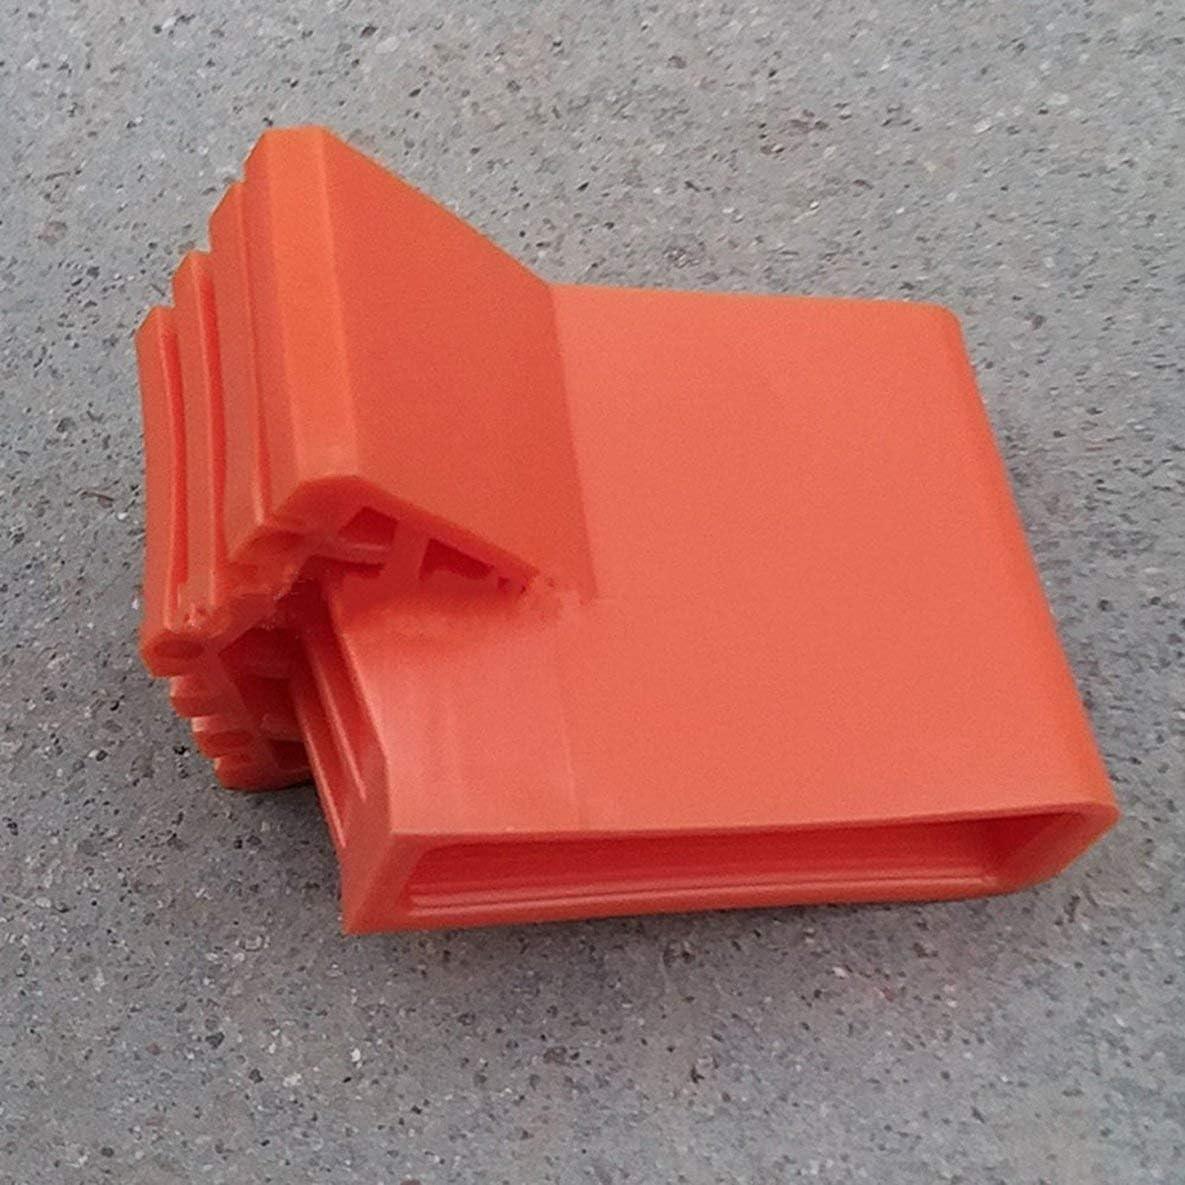 Escalera Cubierta de pie redonda Exquisita Duradera Escalera plegable multifunci/ón Cubierta de pie en forma de abanico Alfombrilla antideslizante//Naranja